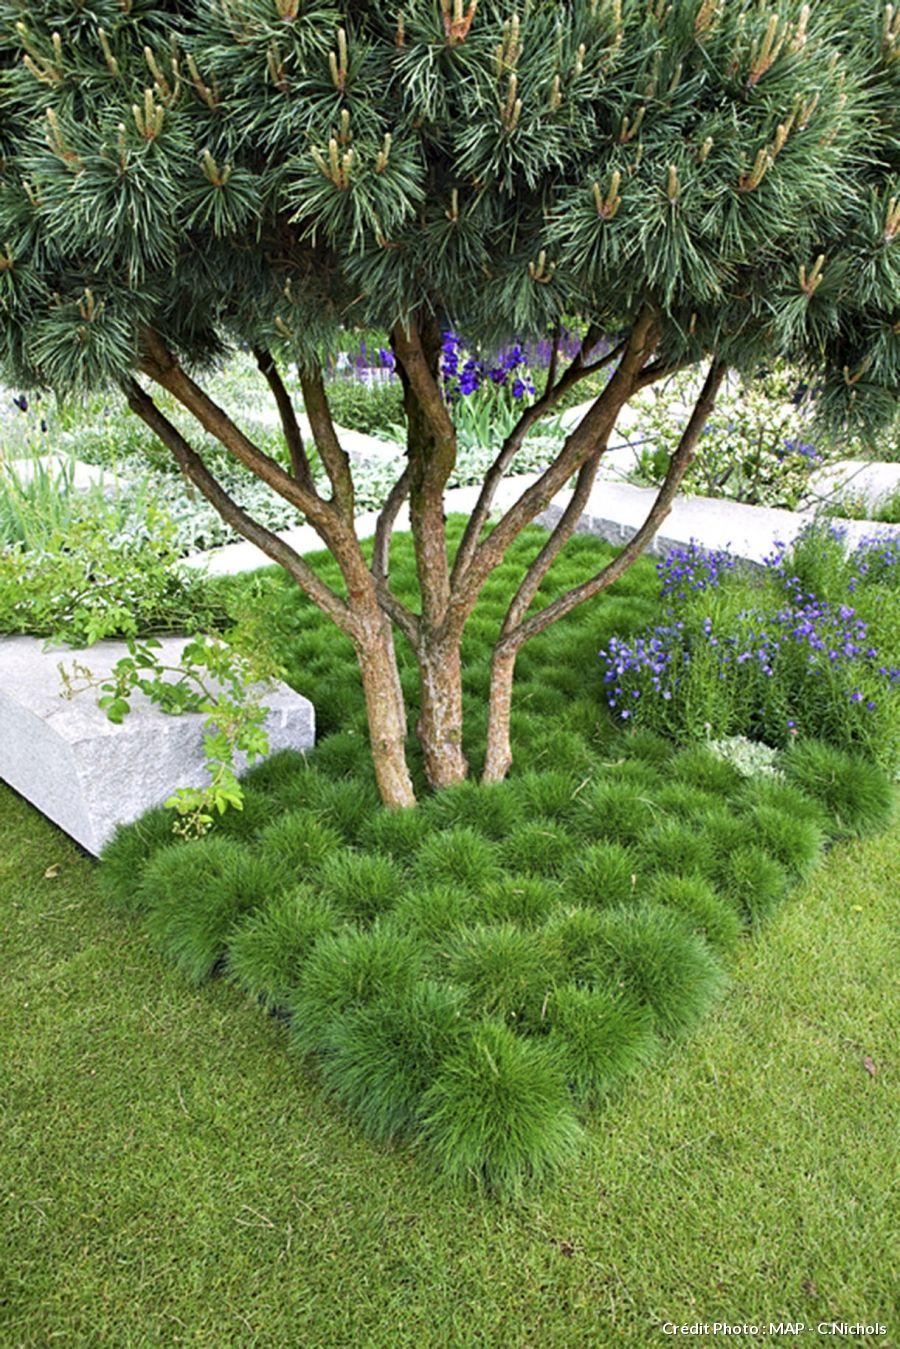 Les Plantes À Installer Sous Les Arbres | Mimo's Garden ... destiné Arbre Persistant Pour Petit Jardin